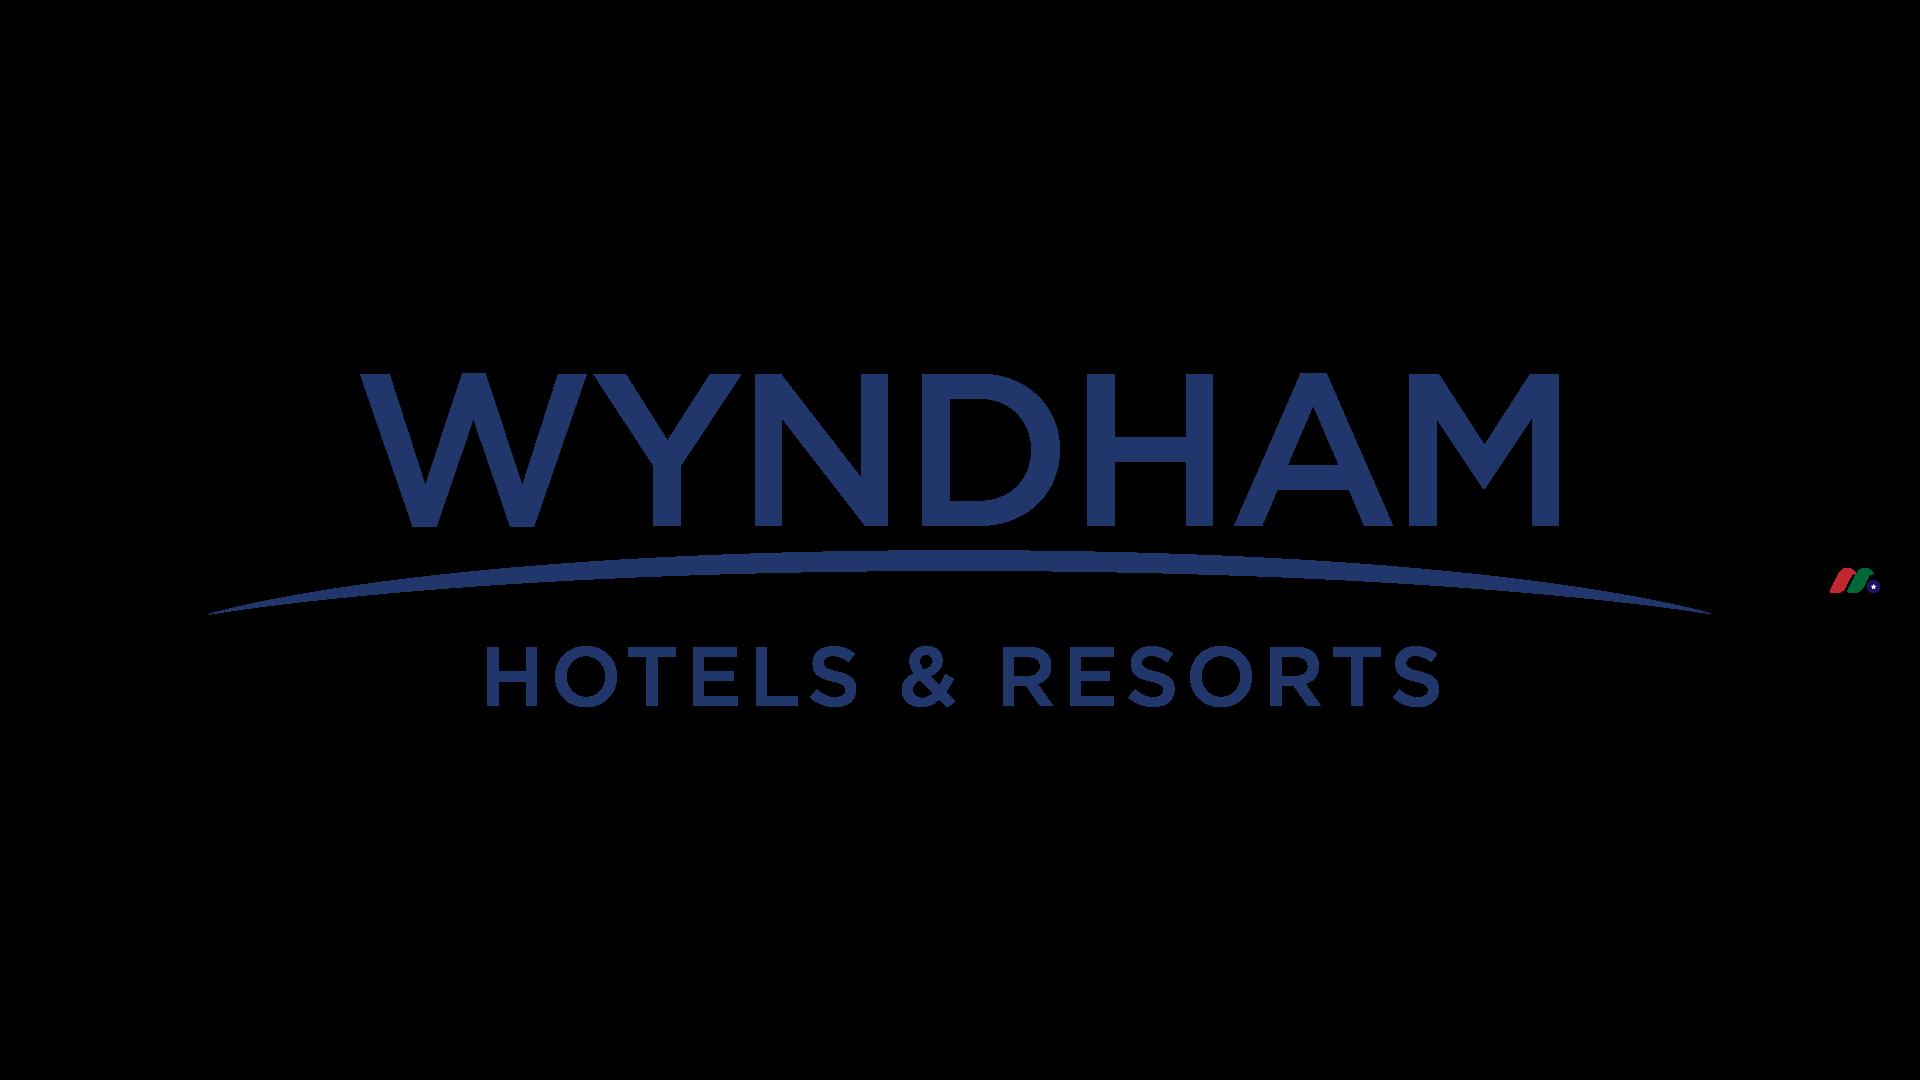 世界十大酒店集团之一:温德姆酒店及度假村Wyndham Hotels & Resorts(WH)